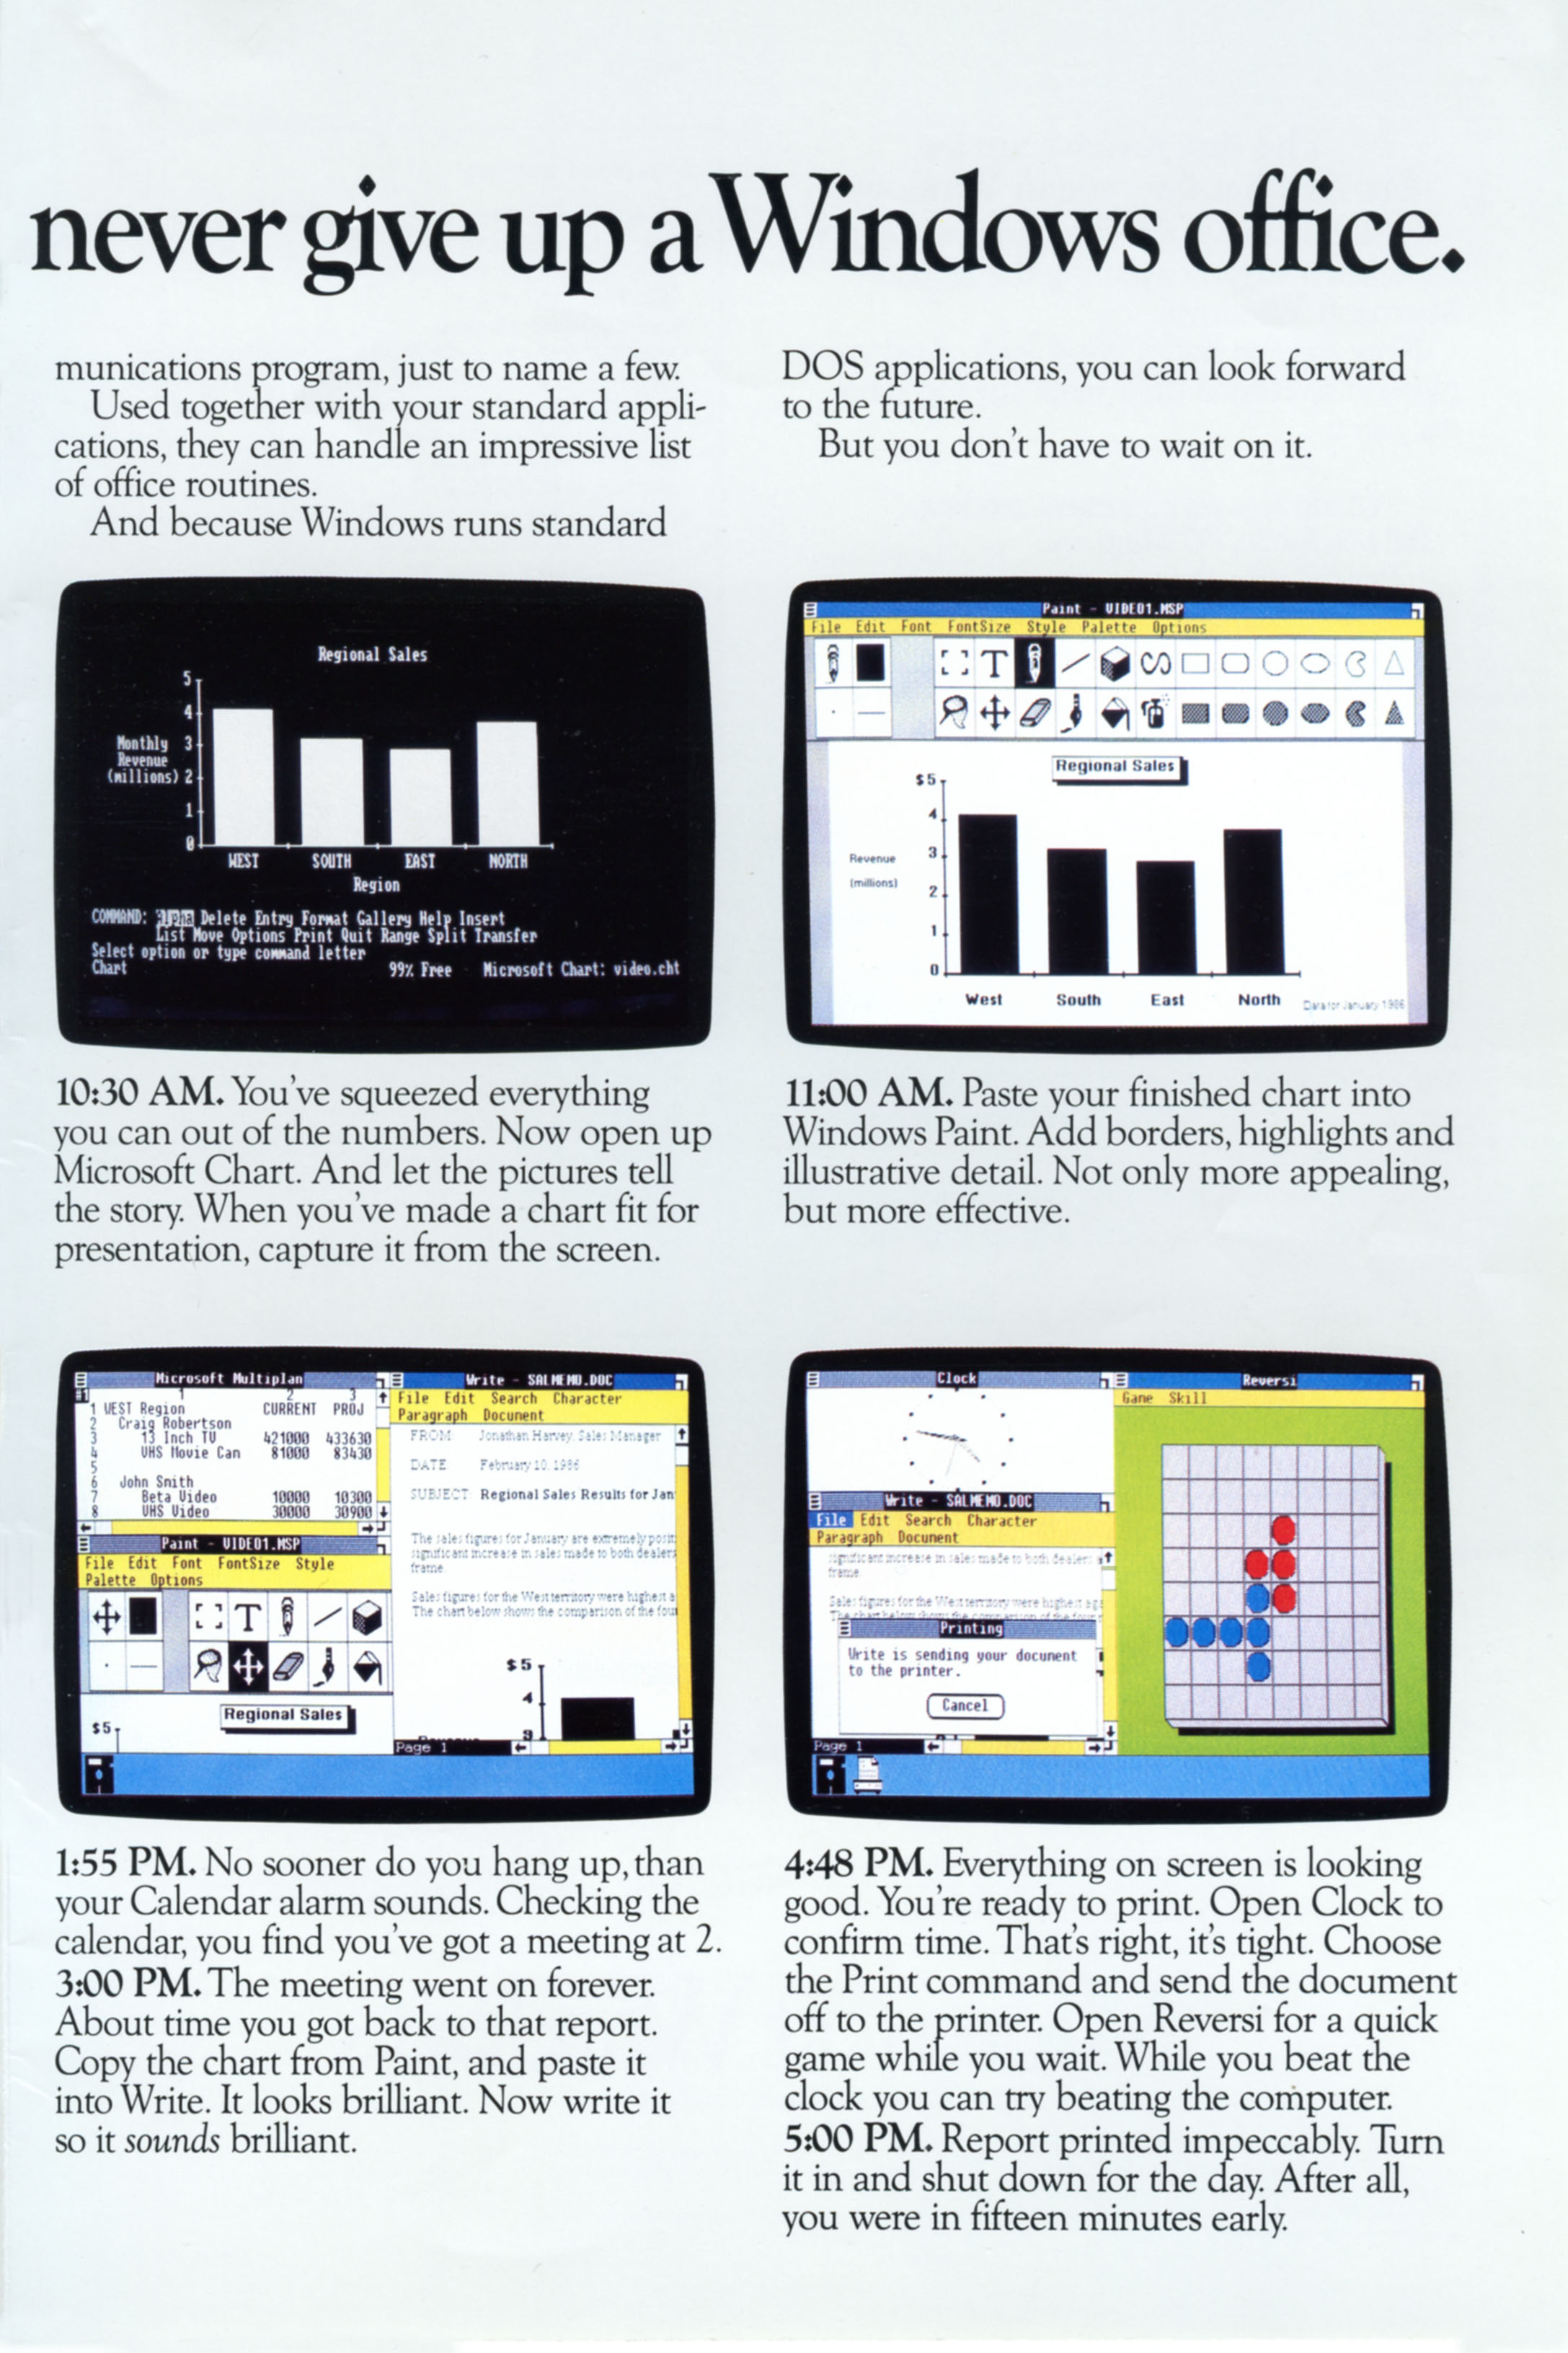 Org Chart Maker Microsoft Office: Microsoft Windows 1.0 page7.jpg - Wikimedia Commons,Chart